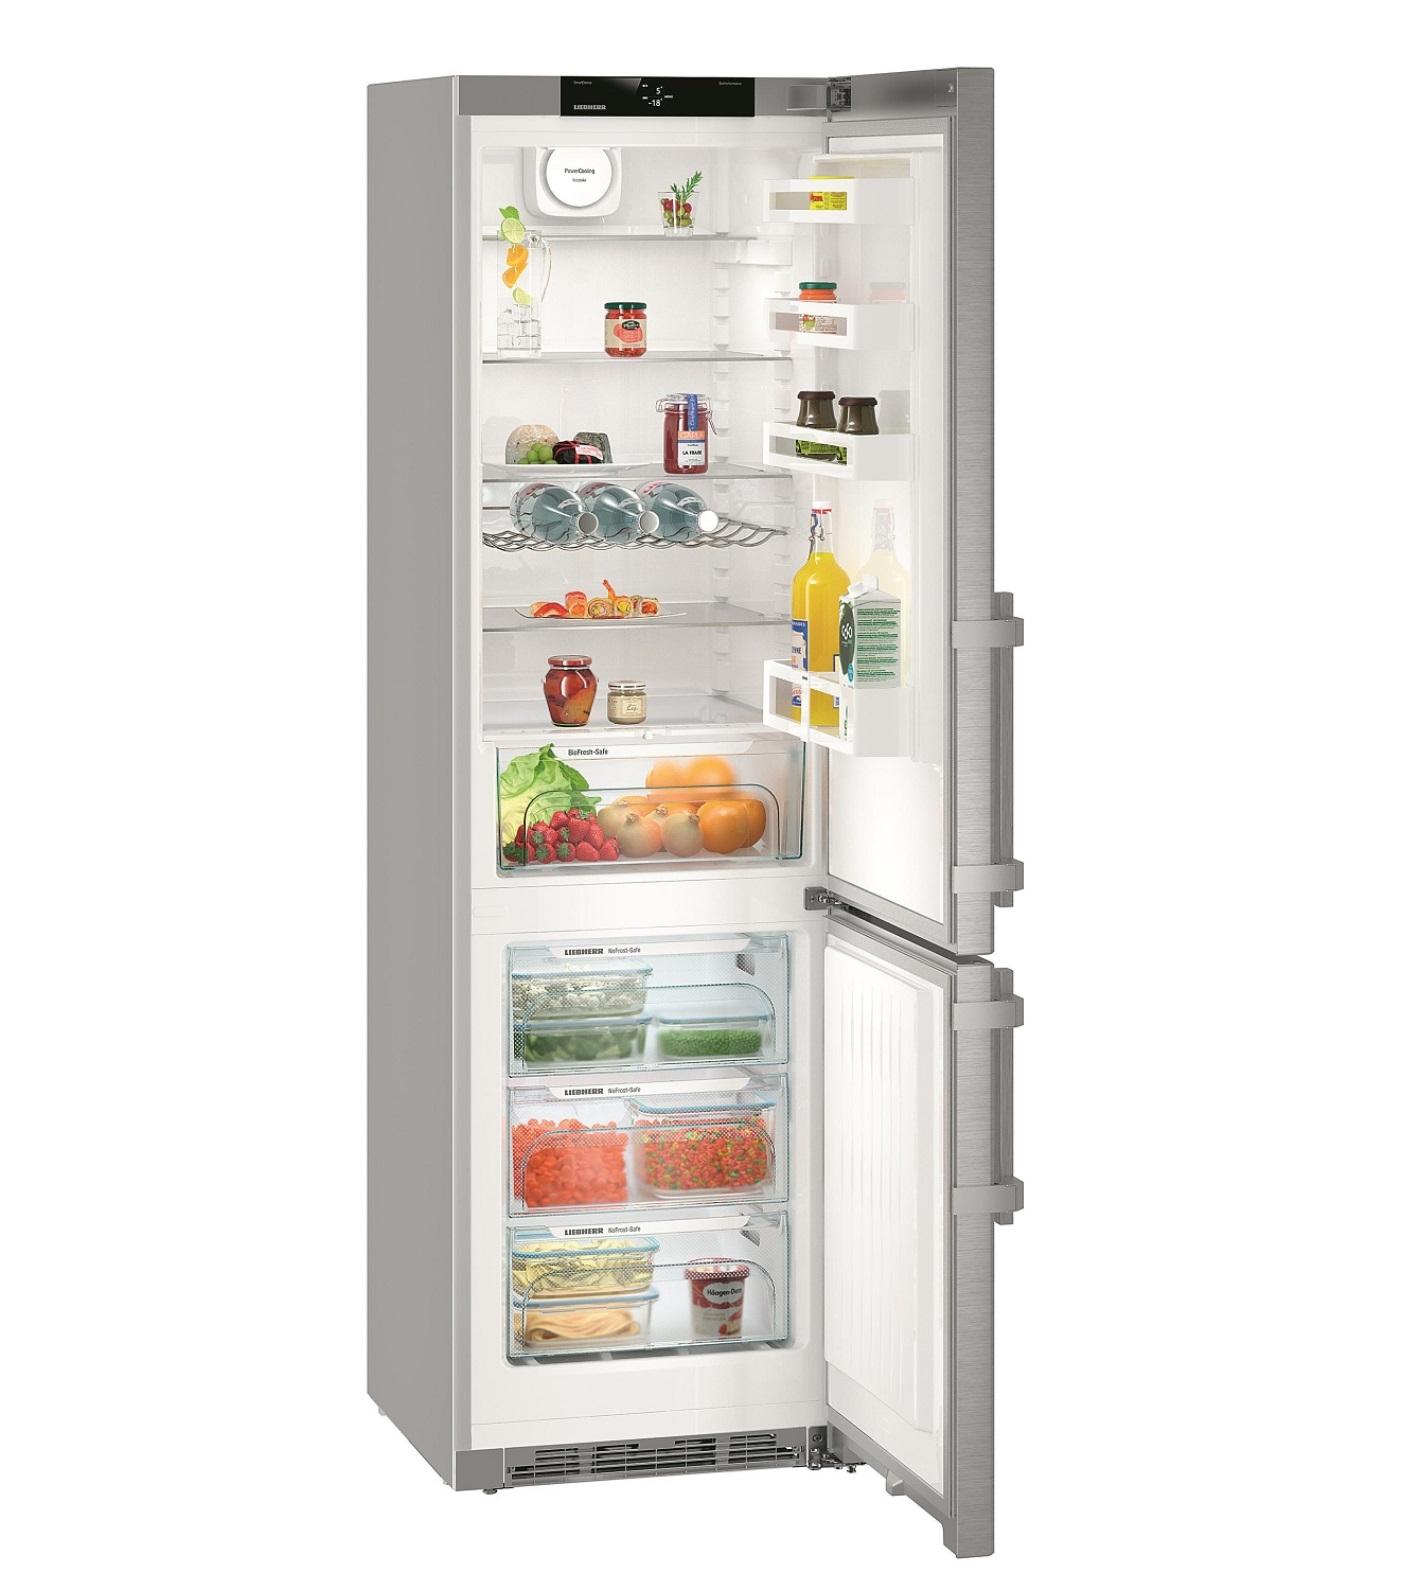 Двухкамерный холодильник Liebherr CNef 4815 купить украина